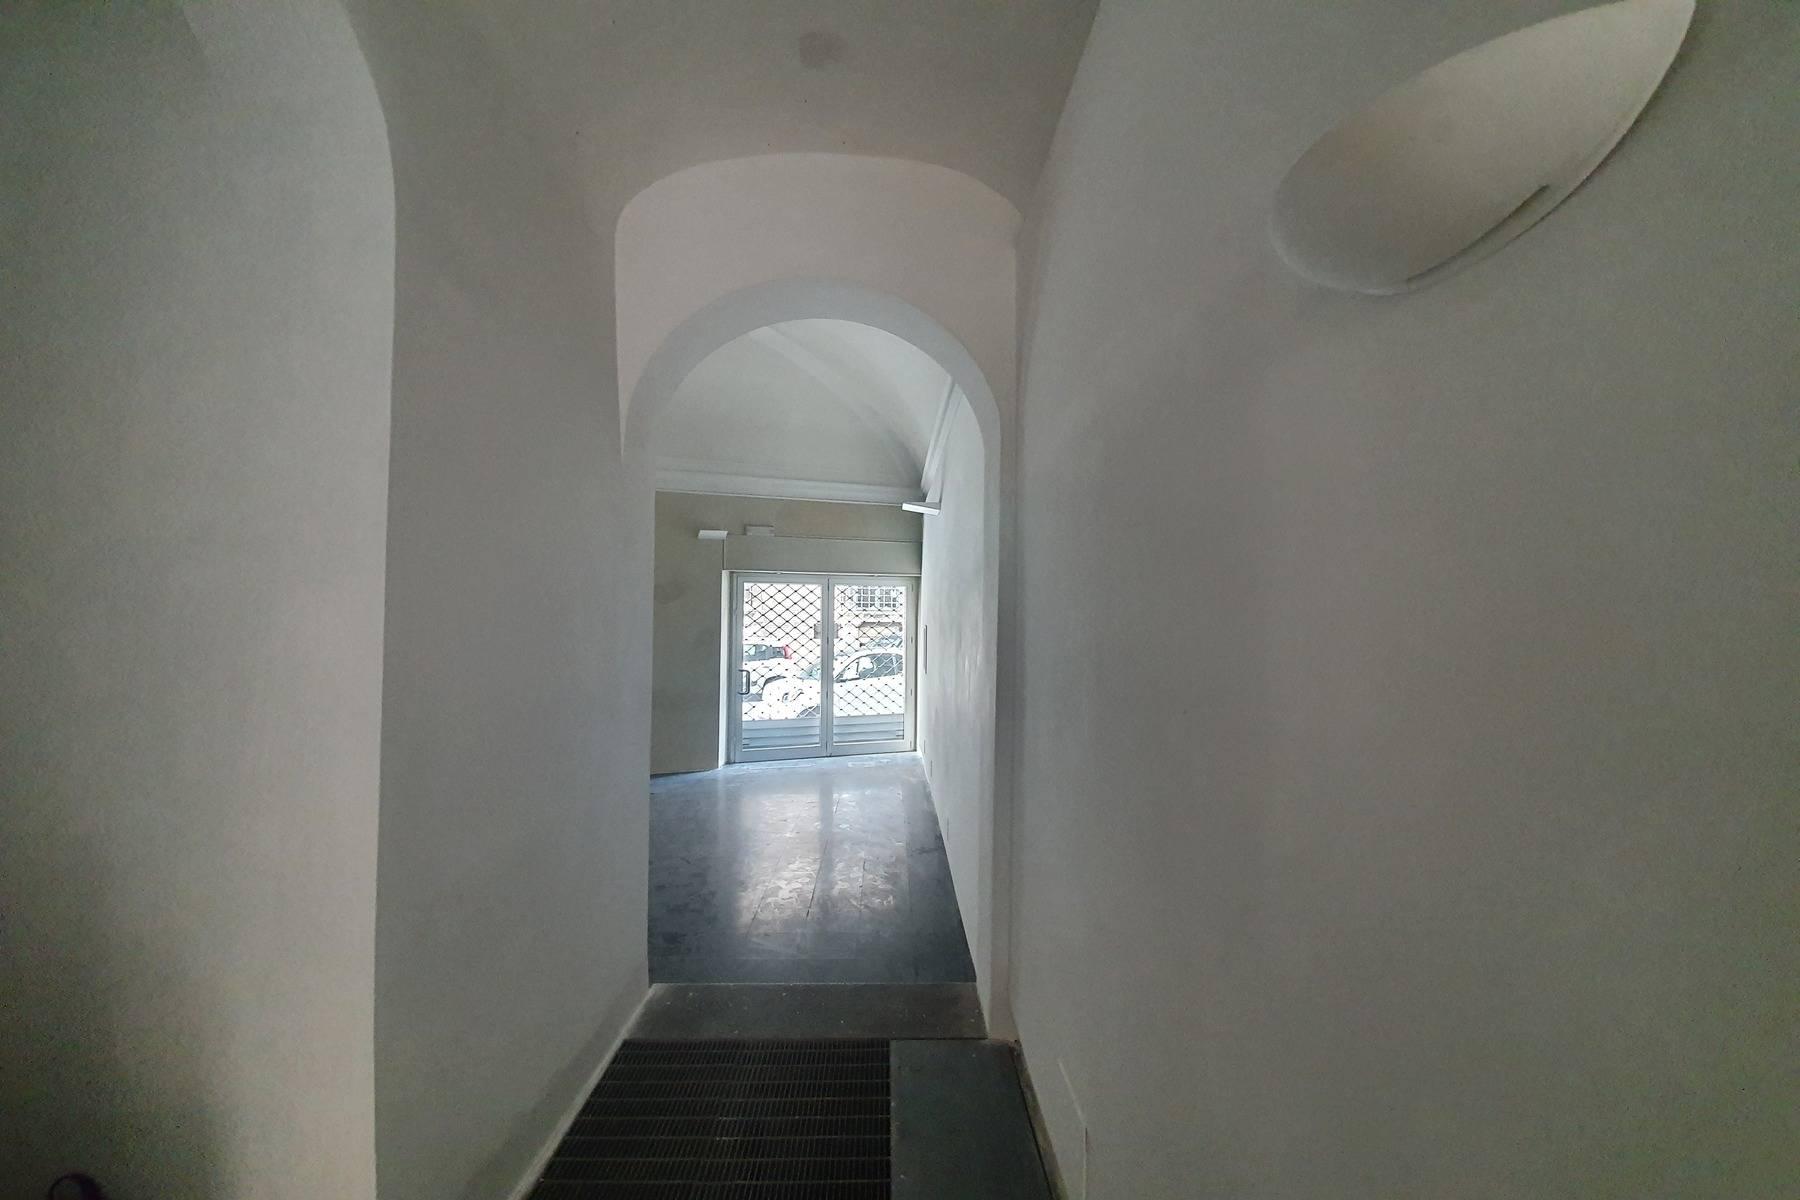 Negozio-locale in Affitto a Roma: 2 locali, 50 mq - Foto 7